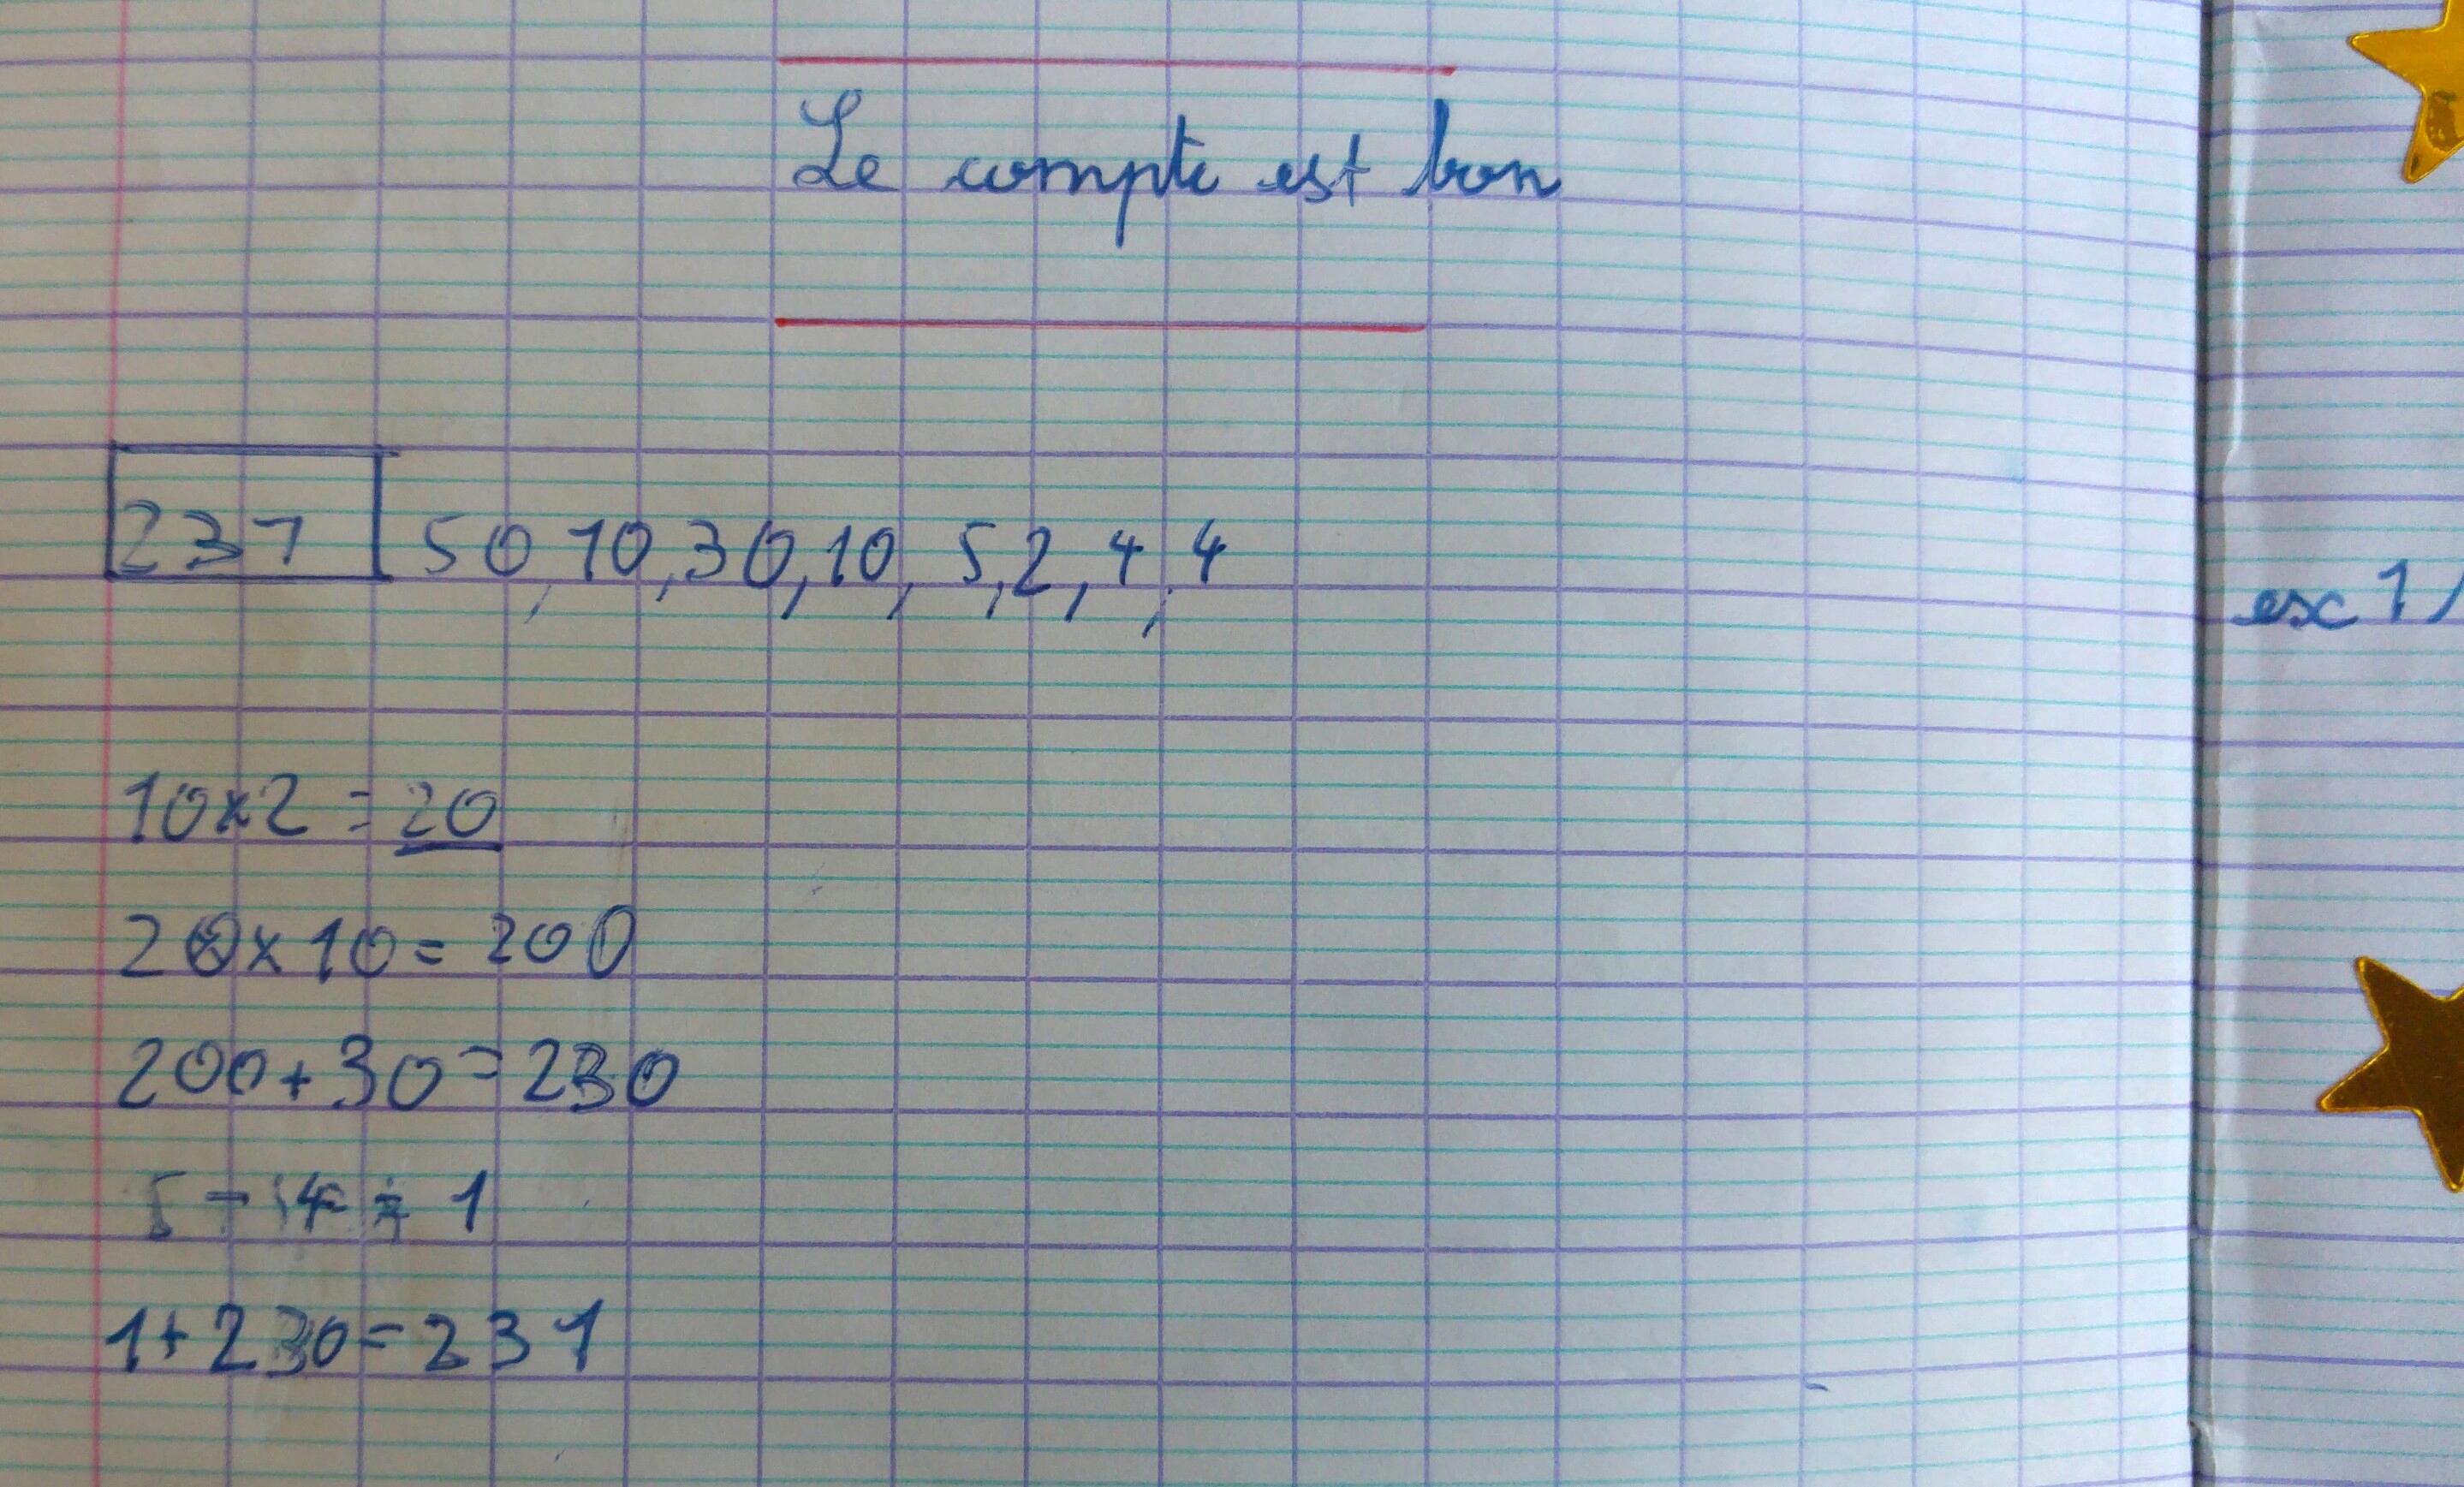 Bien connu Le compte est bon - J'ai toujours voulu être Maîtresse ! TV31